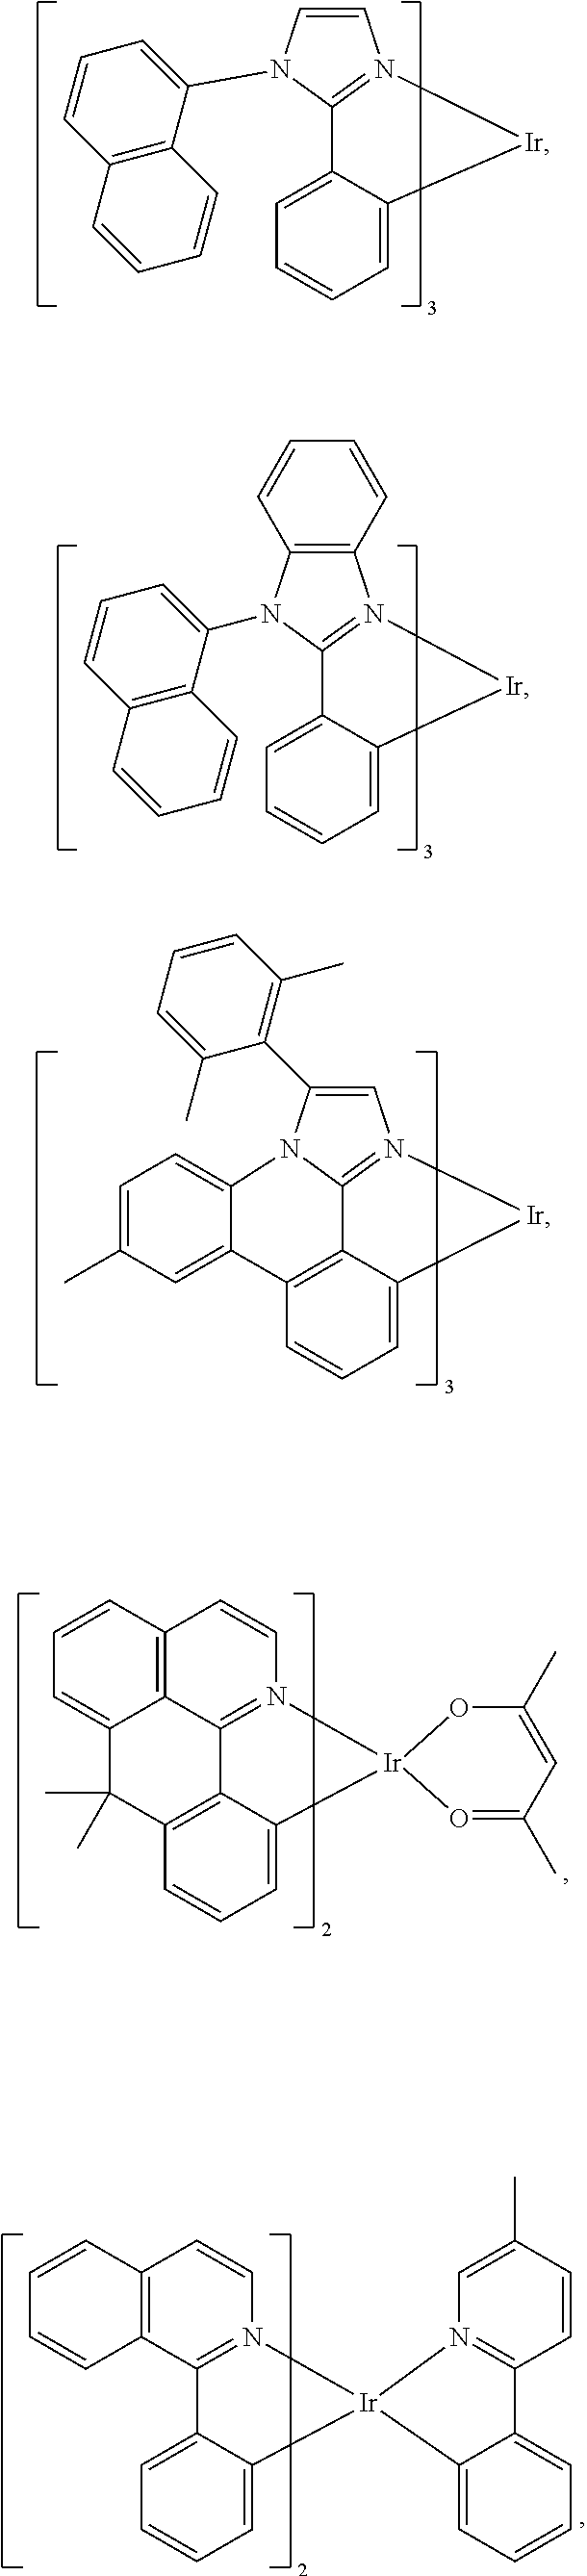 Figure US09859510-20180102-C00093